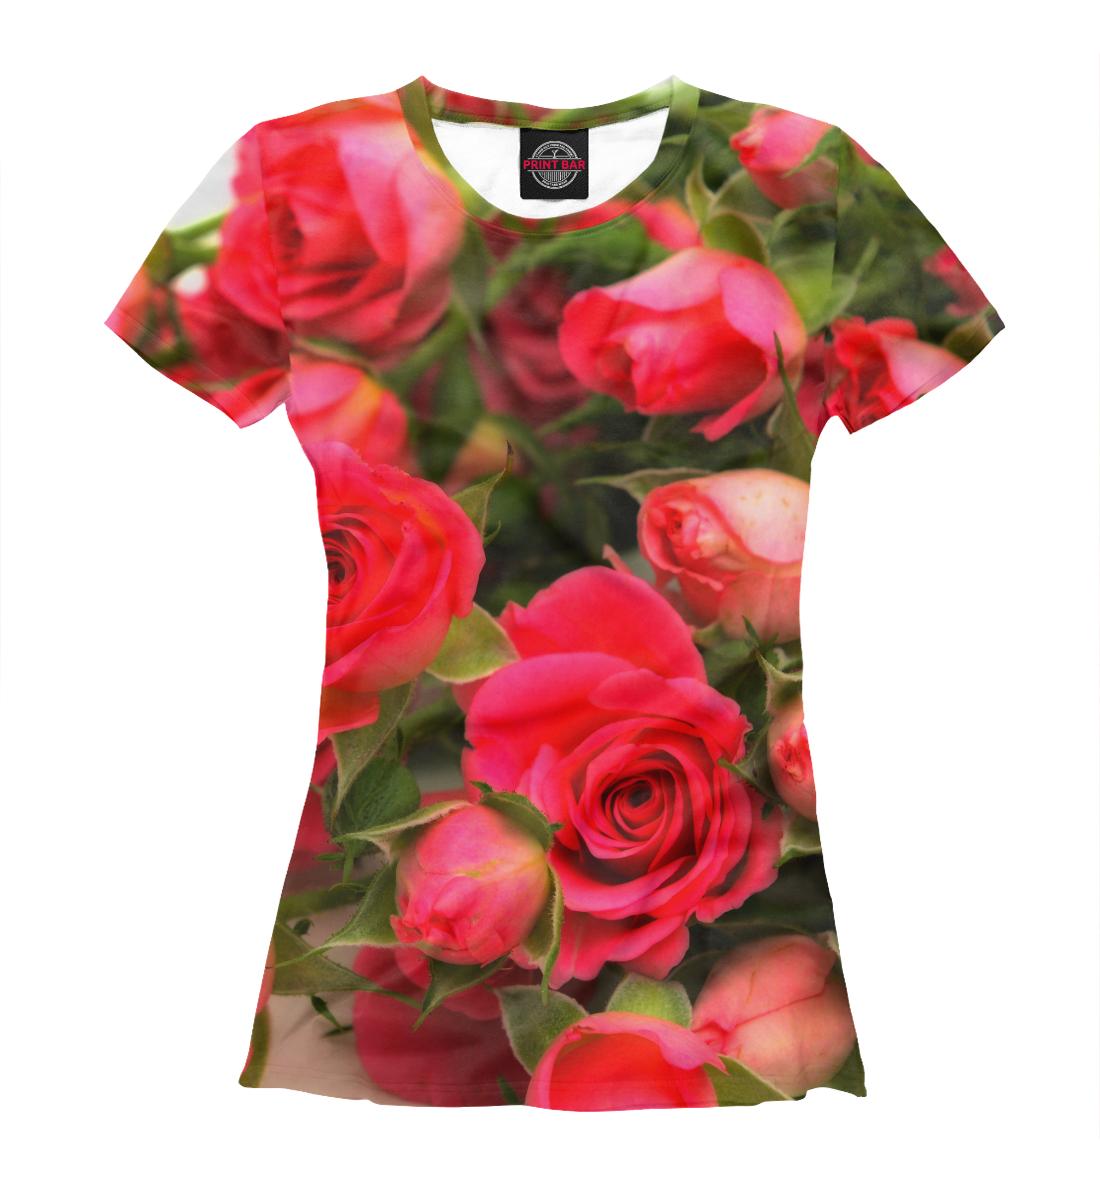 Купить Розы, Printbar, Футболки, CVE-107058-fut-1